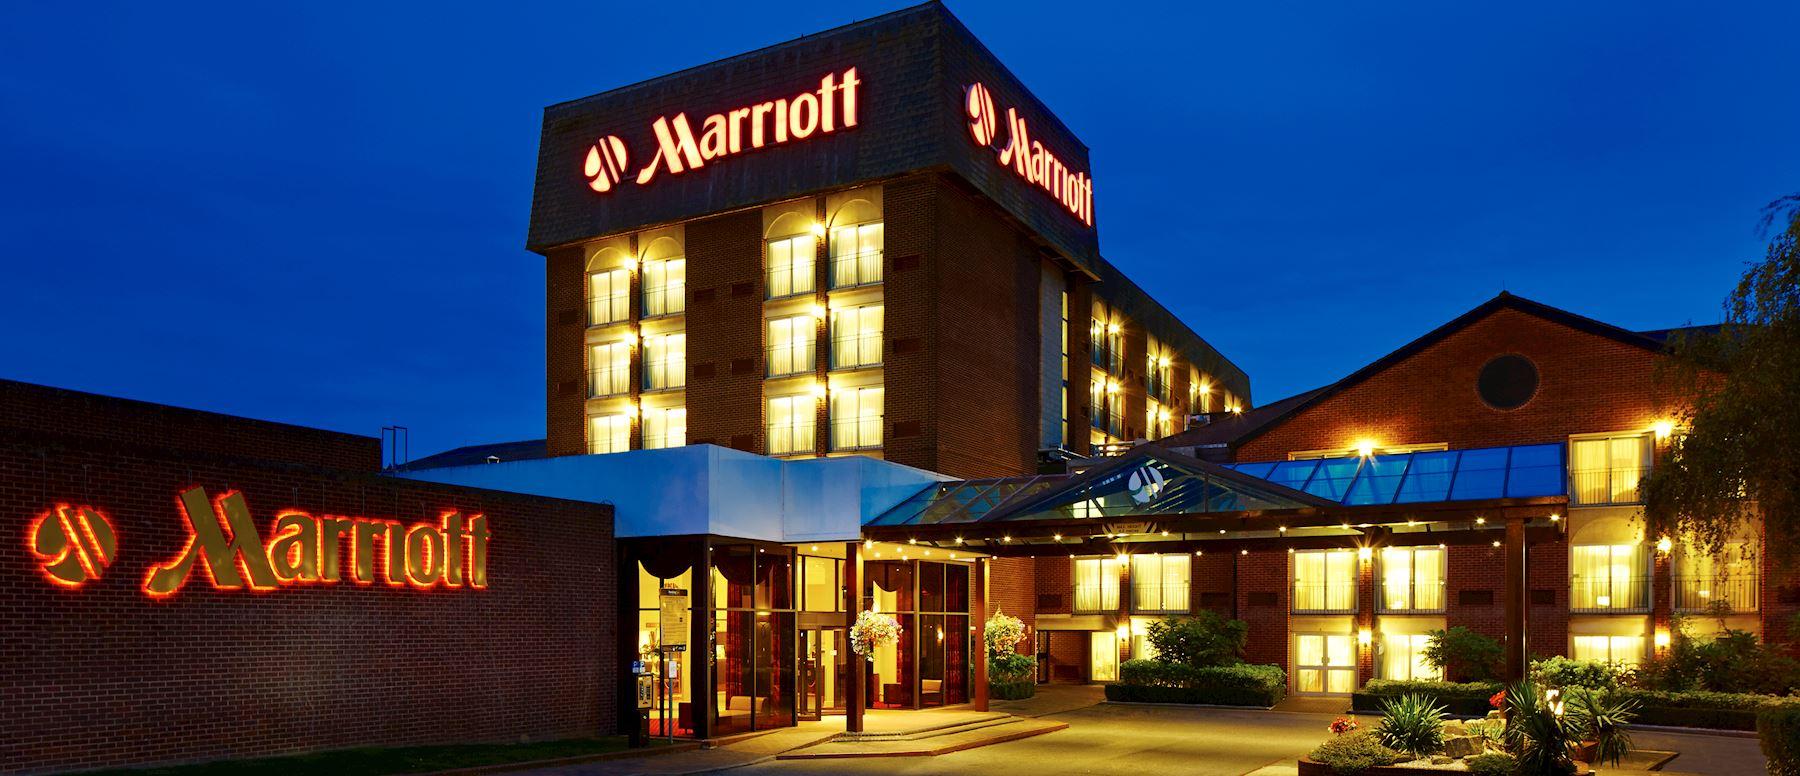 Heathrow Windsor Marriott Hotel